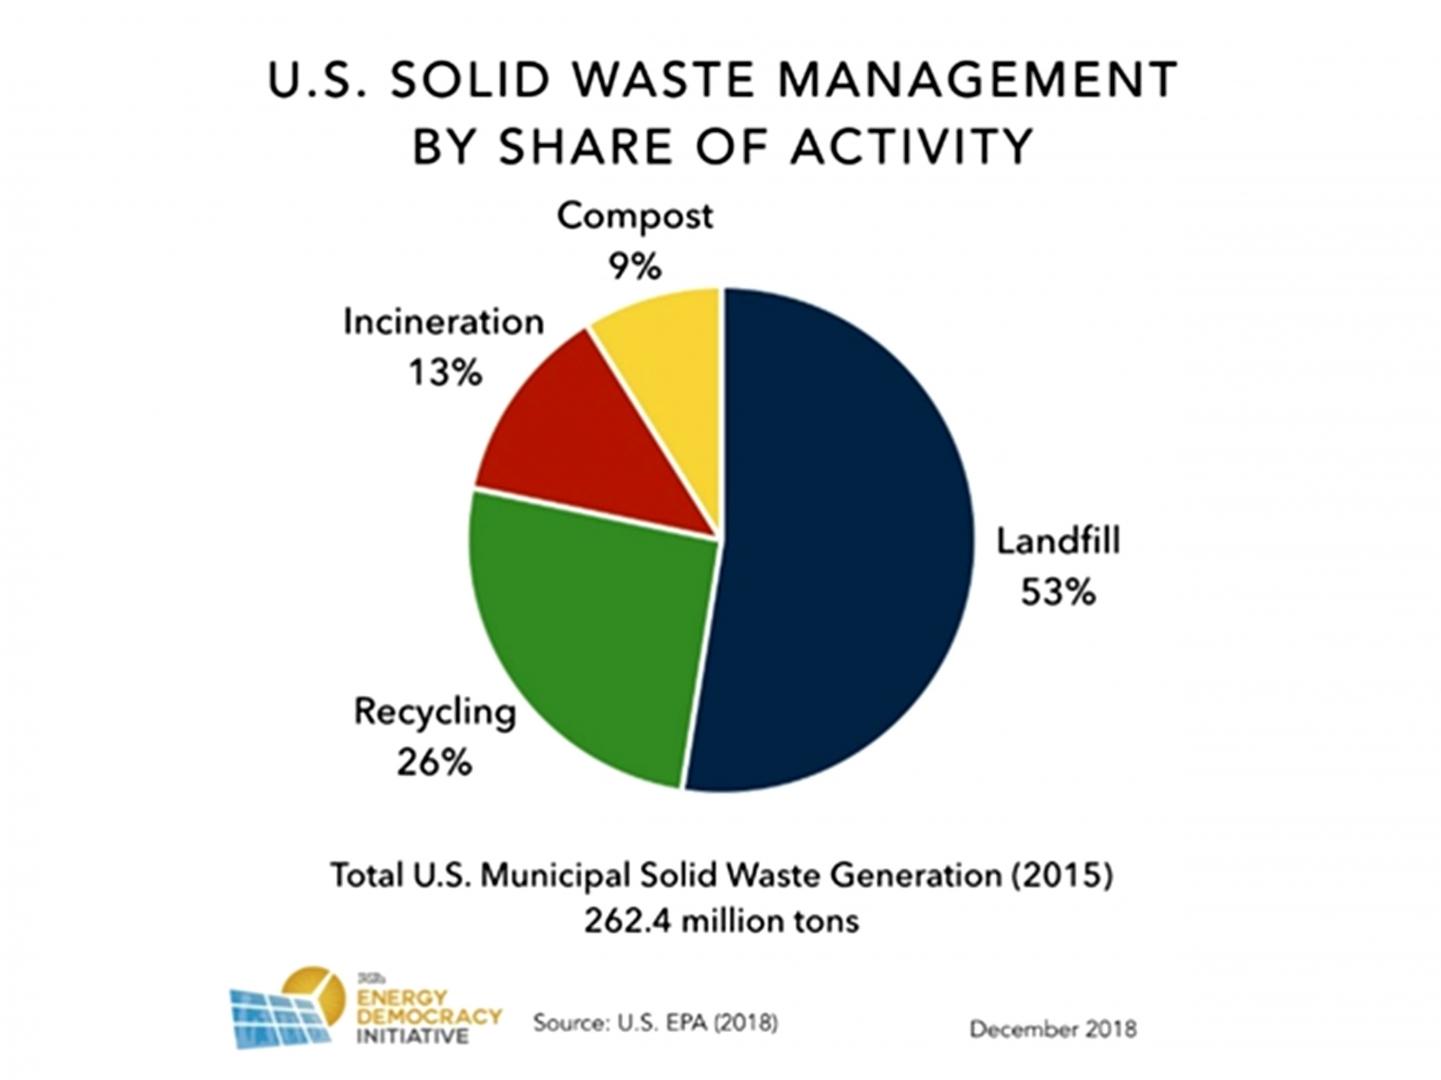 Рис. 4. Управление твердыми отходами в США в 2015 году: 53% — захоронено на полигонах, 26% — переработано, 13% — сожжено, 9% — переработано в компост